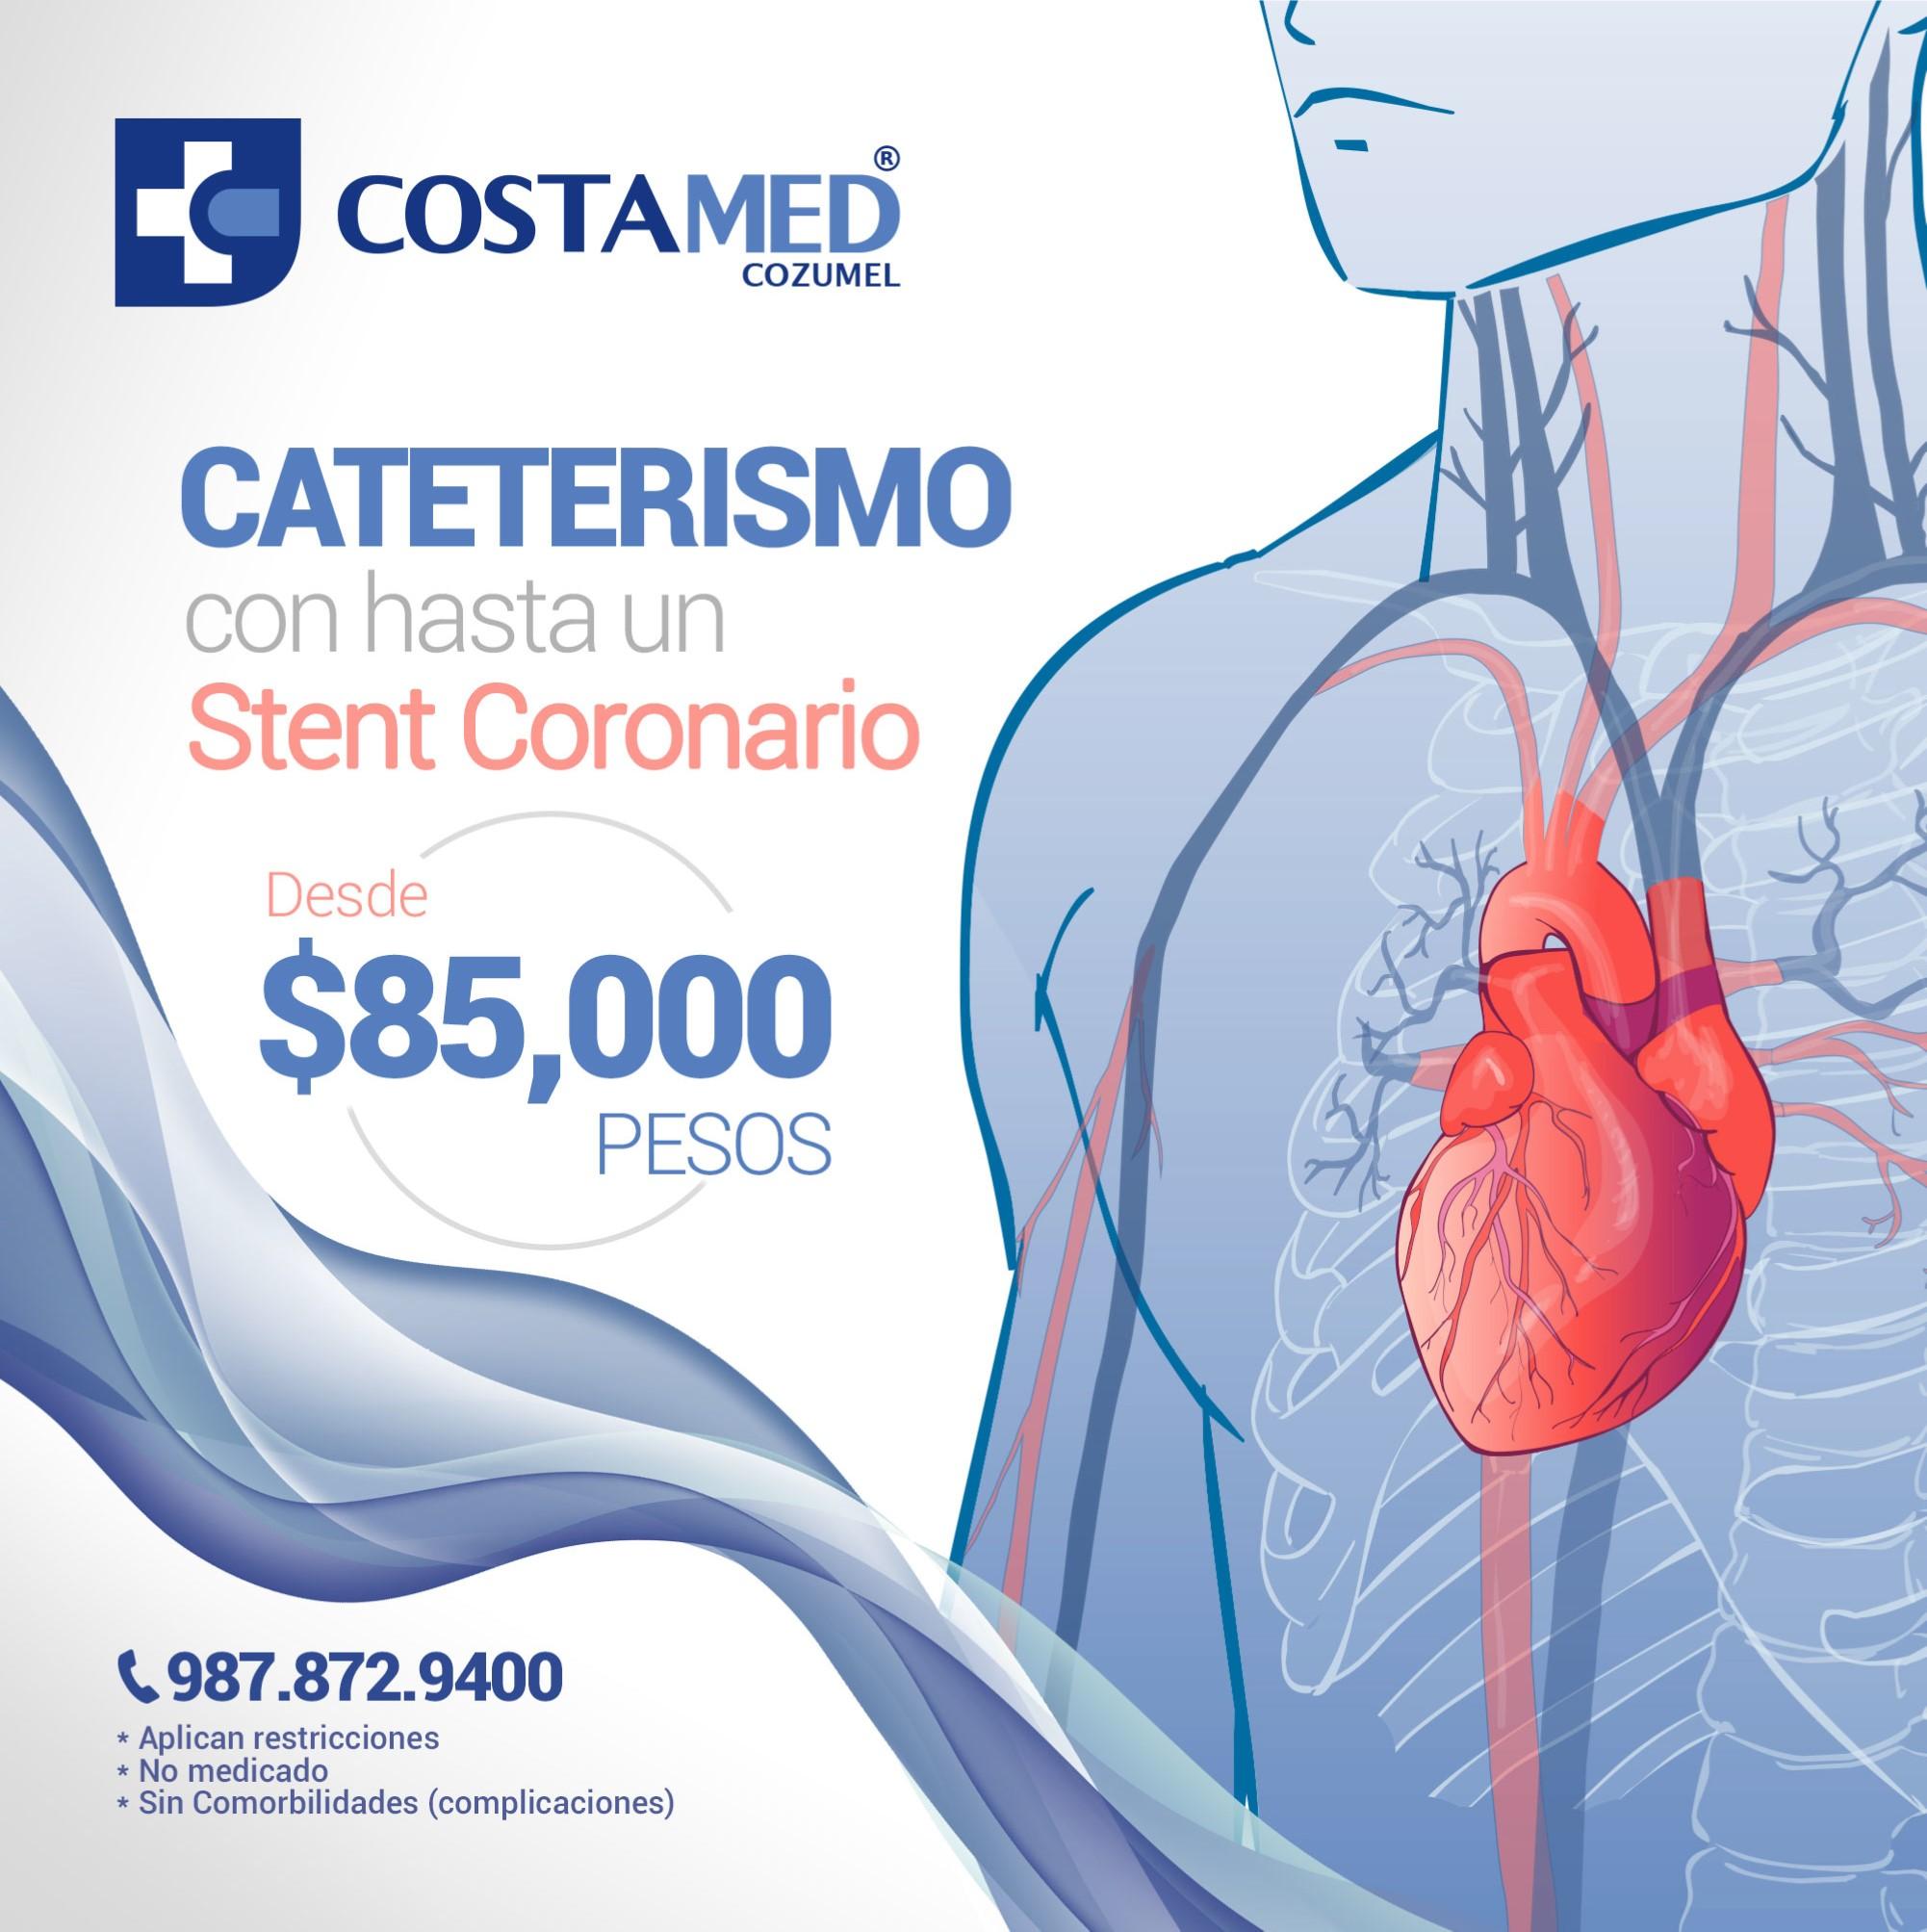 CATETERISMO.jpg